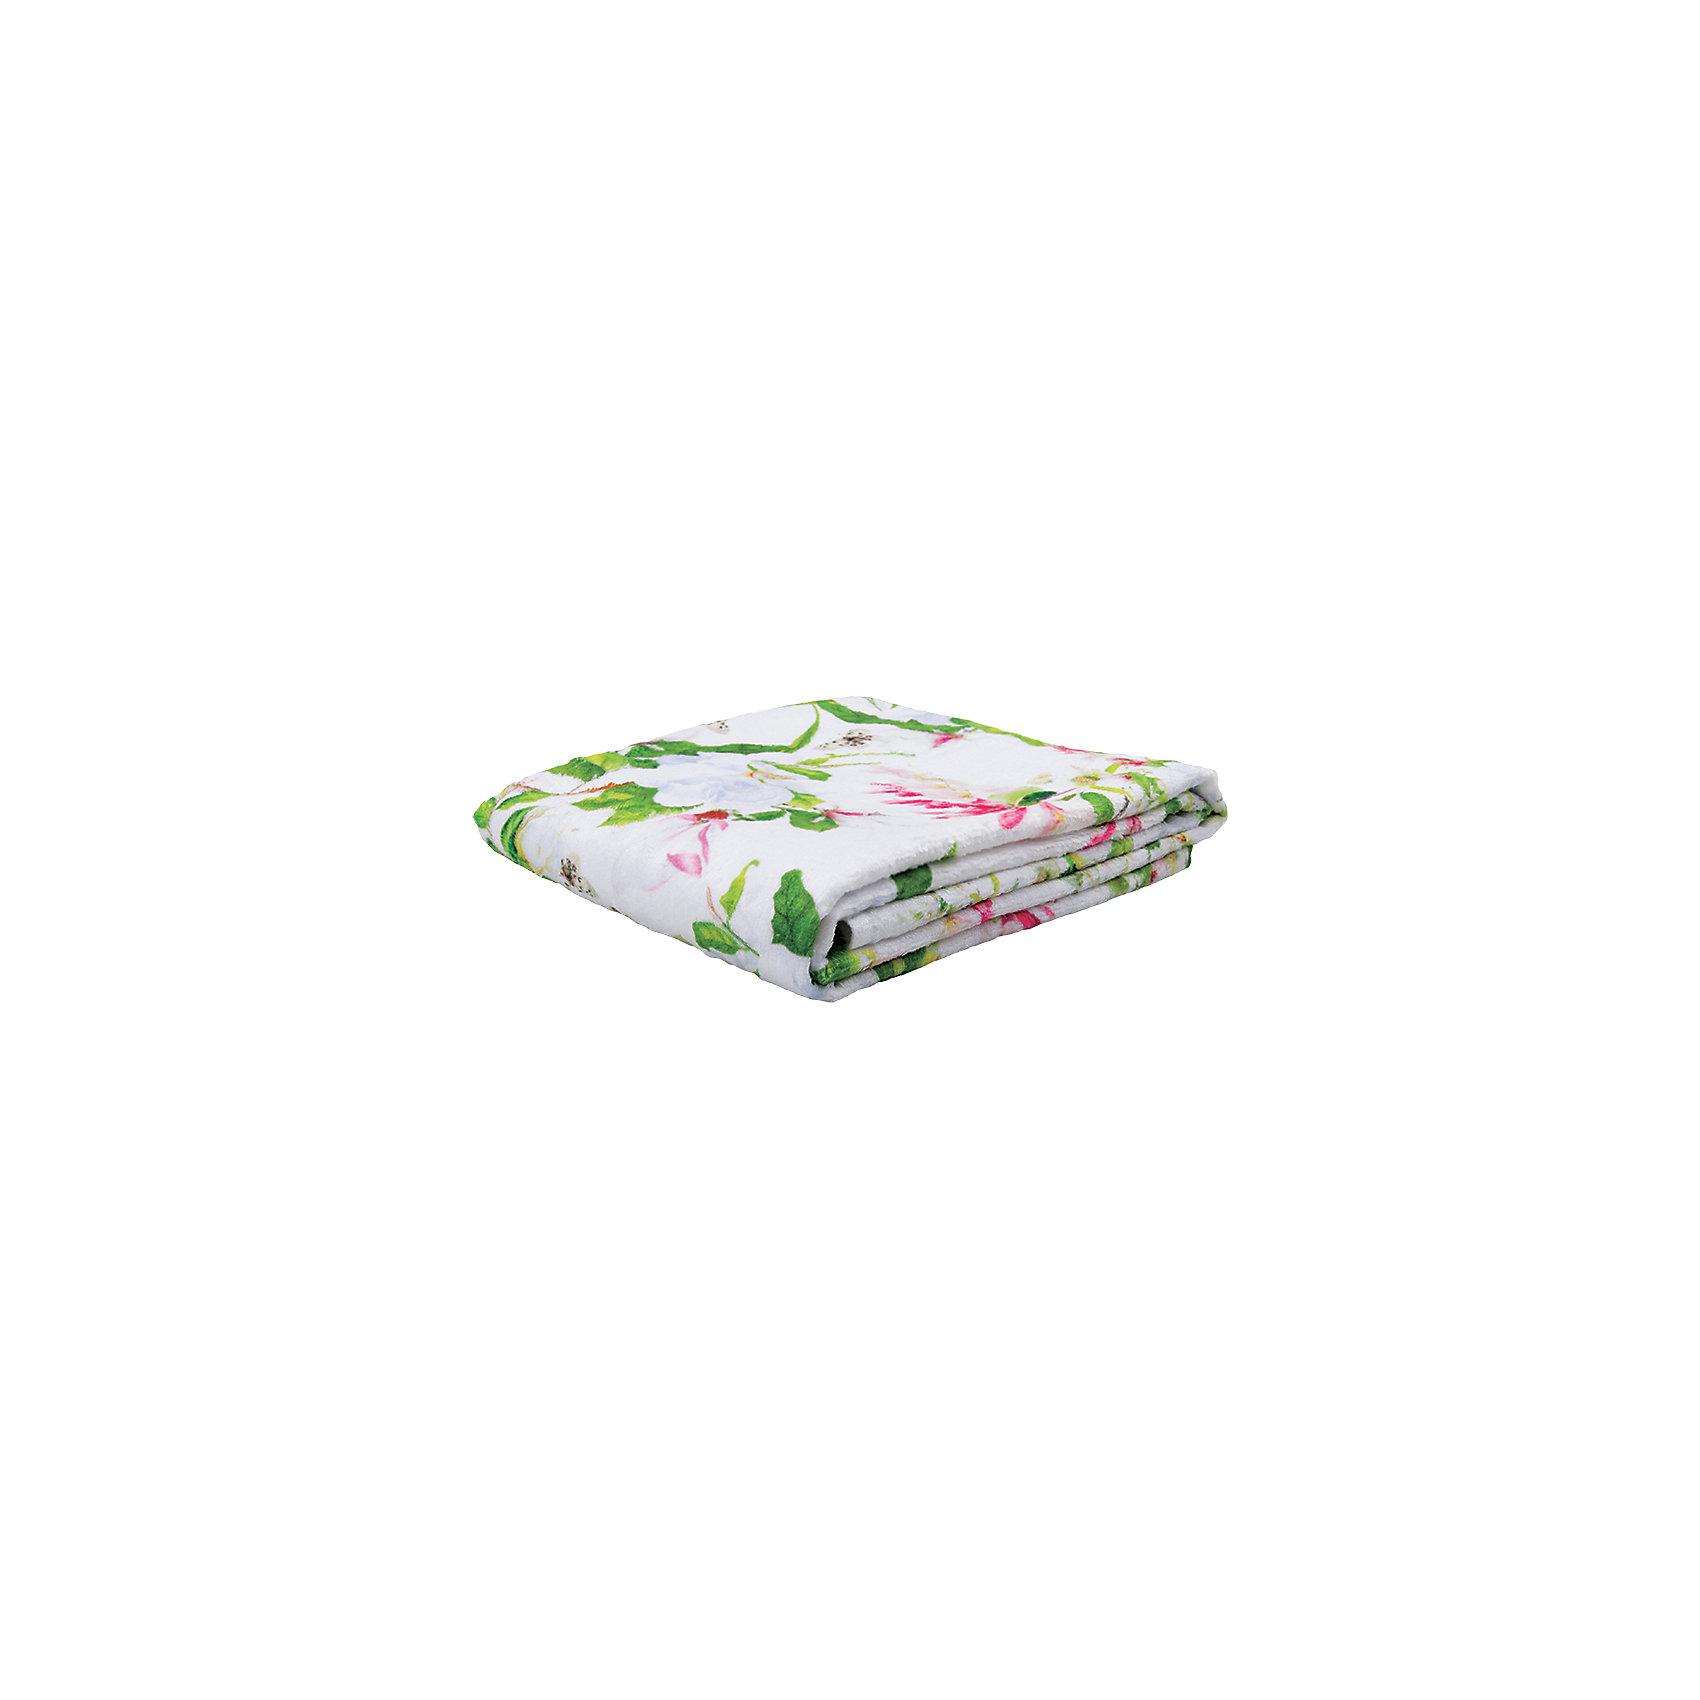 Полотенце «Magnolia» 70*140 хлопок велюр, Mona LizaПолотенца<br>Характеристики:<br><br>• материал: махра<br>• состав: 70% хлопок, 30% велюр<br>• размер полотенца: 70х140 см<br>• размер упаковки: 37х1х25 см<br>• вес: 350 грамм<br><br>Полотенце Magnolia декорировано красочным принтом с прекрасными магнолиями. Полотенце изготовлено из махры. Она приятна телу и, к тому же, быстро впитывает влагу, обеспечивая вам сухость и ощущение комфорта. Кроме того, этот материал хорошо поддается стирке, не нуждается в глажке.<br><br>Полотенце «Magnolia» 70*140 хлопок велюр, Mona Liza (Мона Лиза) вы можете купить в нашем интернет-магазине.<br><br>Ширина мм: 250<br>Глубина мм: 10<br>Высота мм: 370<br>Вес г: 350<br>Возраст от месяцев: 84<br>Возраст до месяцев: 600<br>Пол: Унисекс<br>Возраст: Детский<br>SKU: 6765286